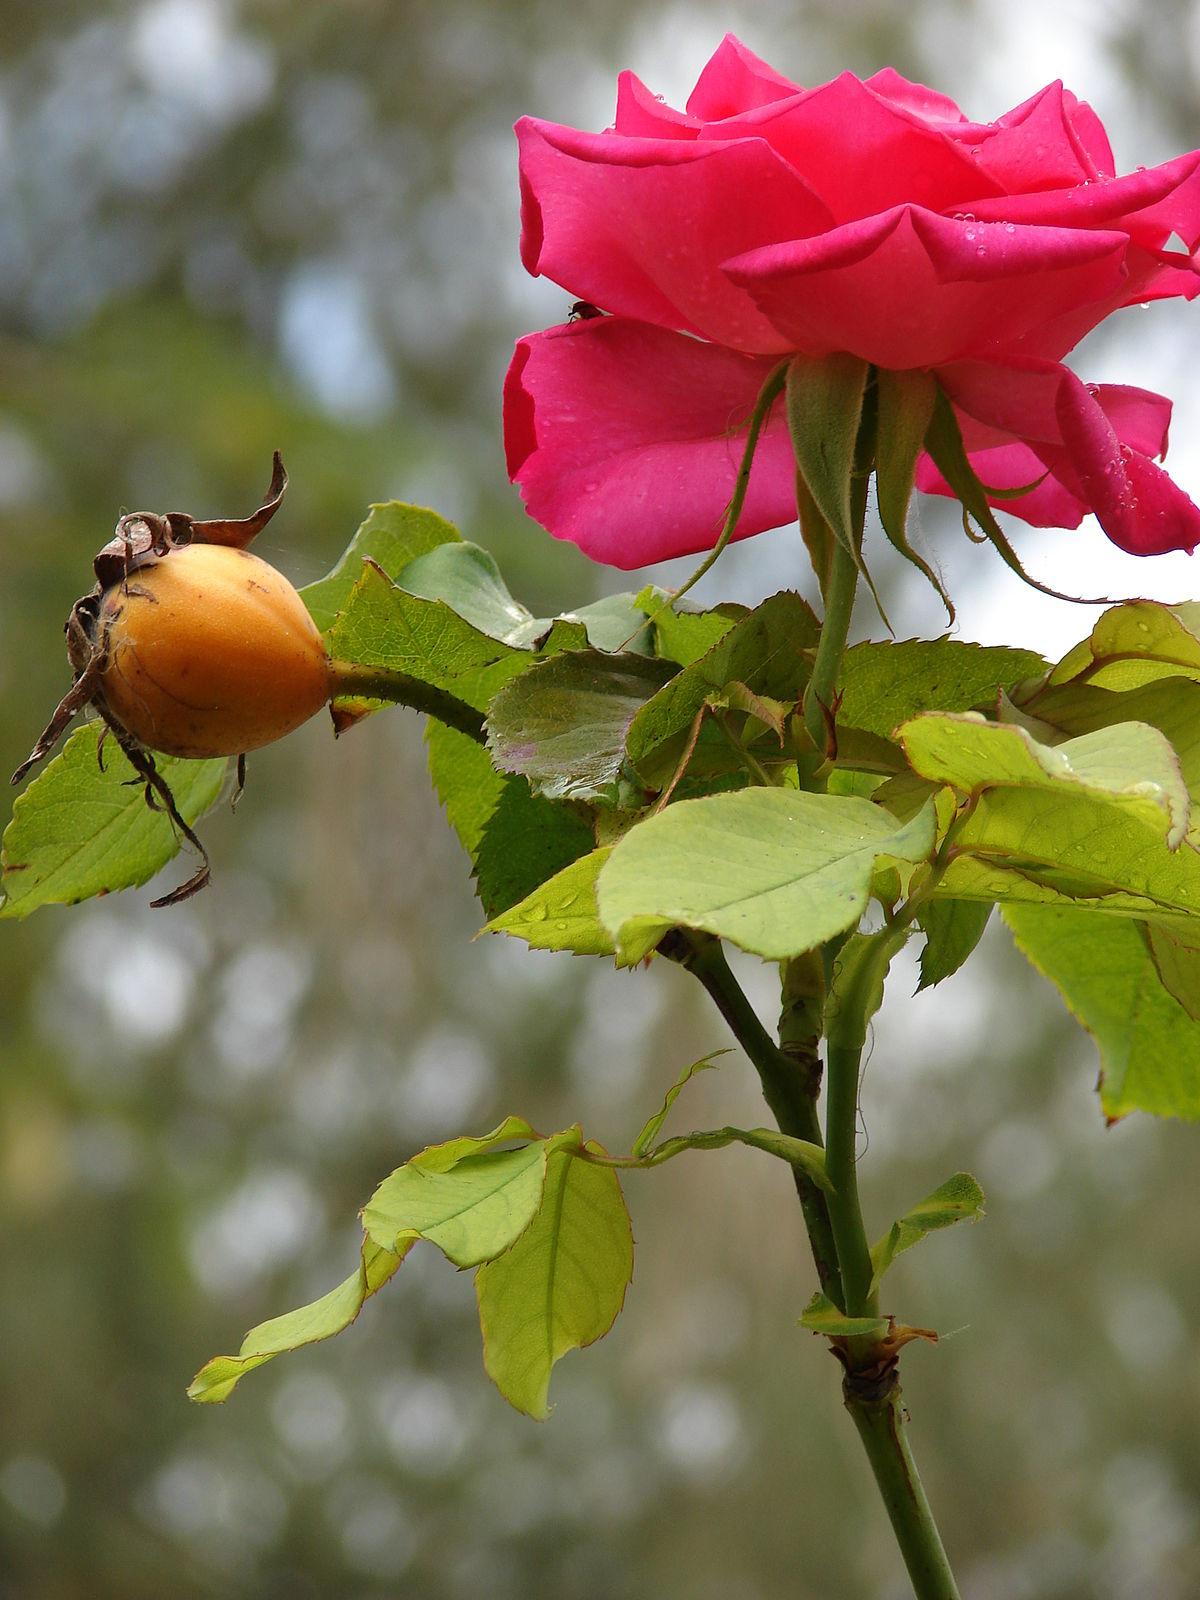 صورة اسماء الورود العربية , تعرف على الورد باشكاله واسمائه بالصور 13020 3